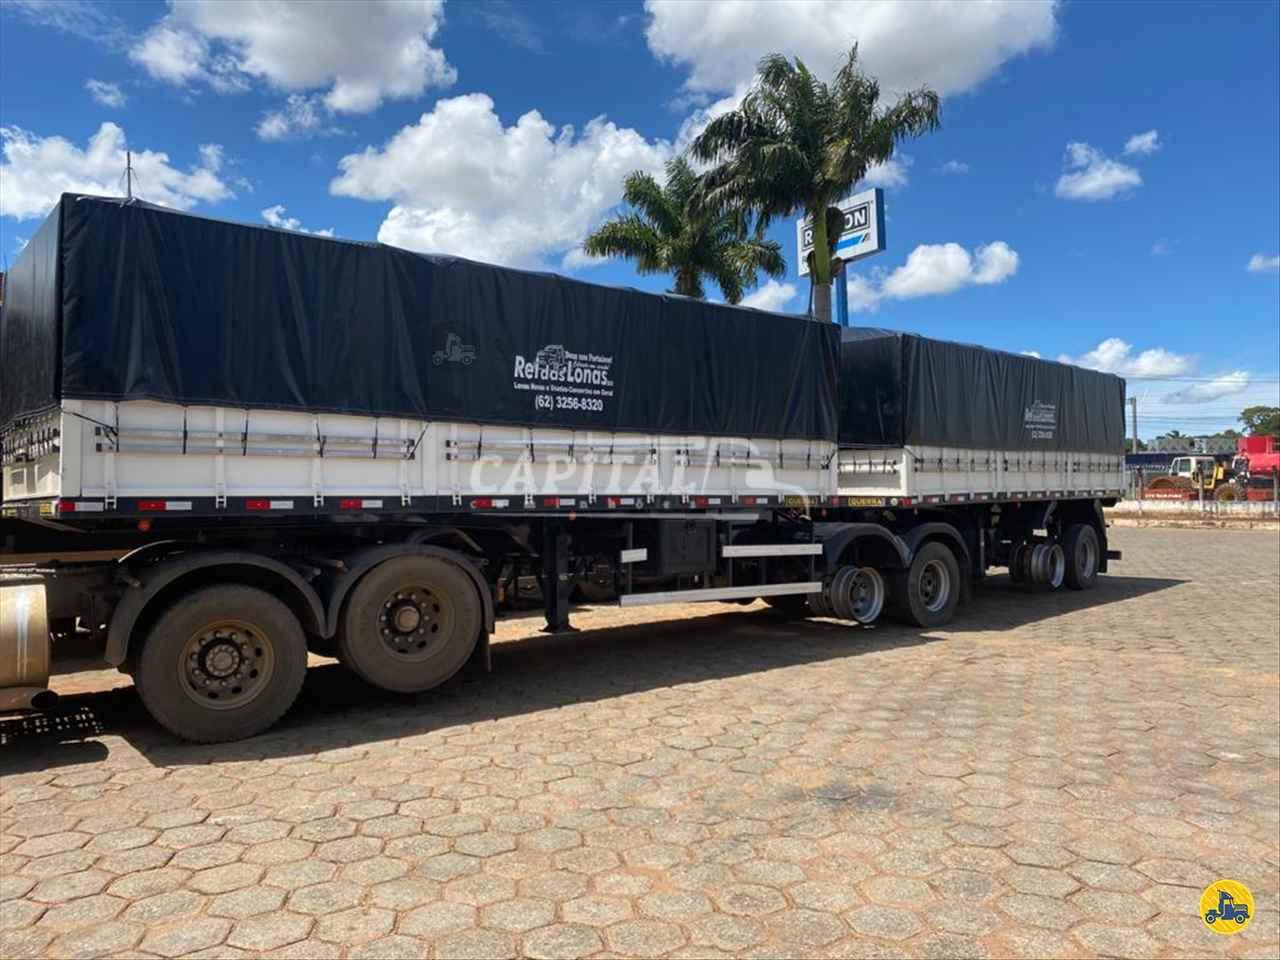 CARRETA BITREM GRANELEIRO Capital Caminhões - Metalesp e Recrusul  BRASILIA DISTRITO FEDERAL DF